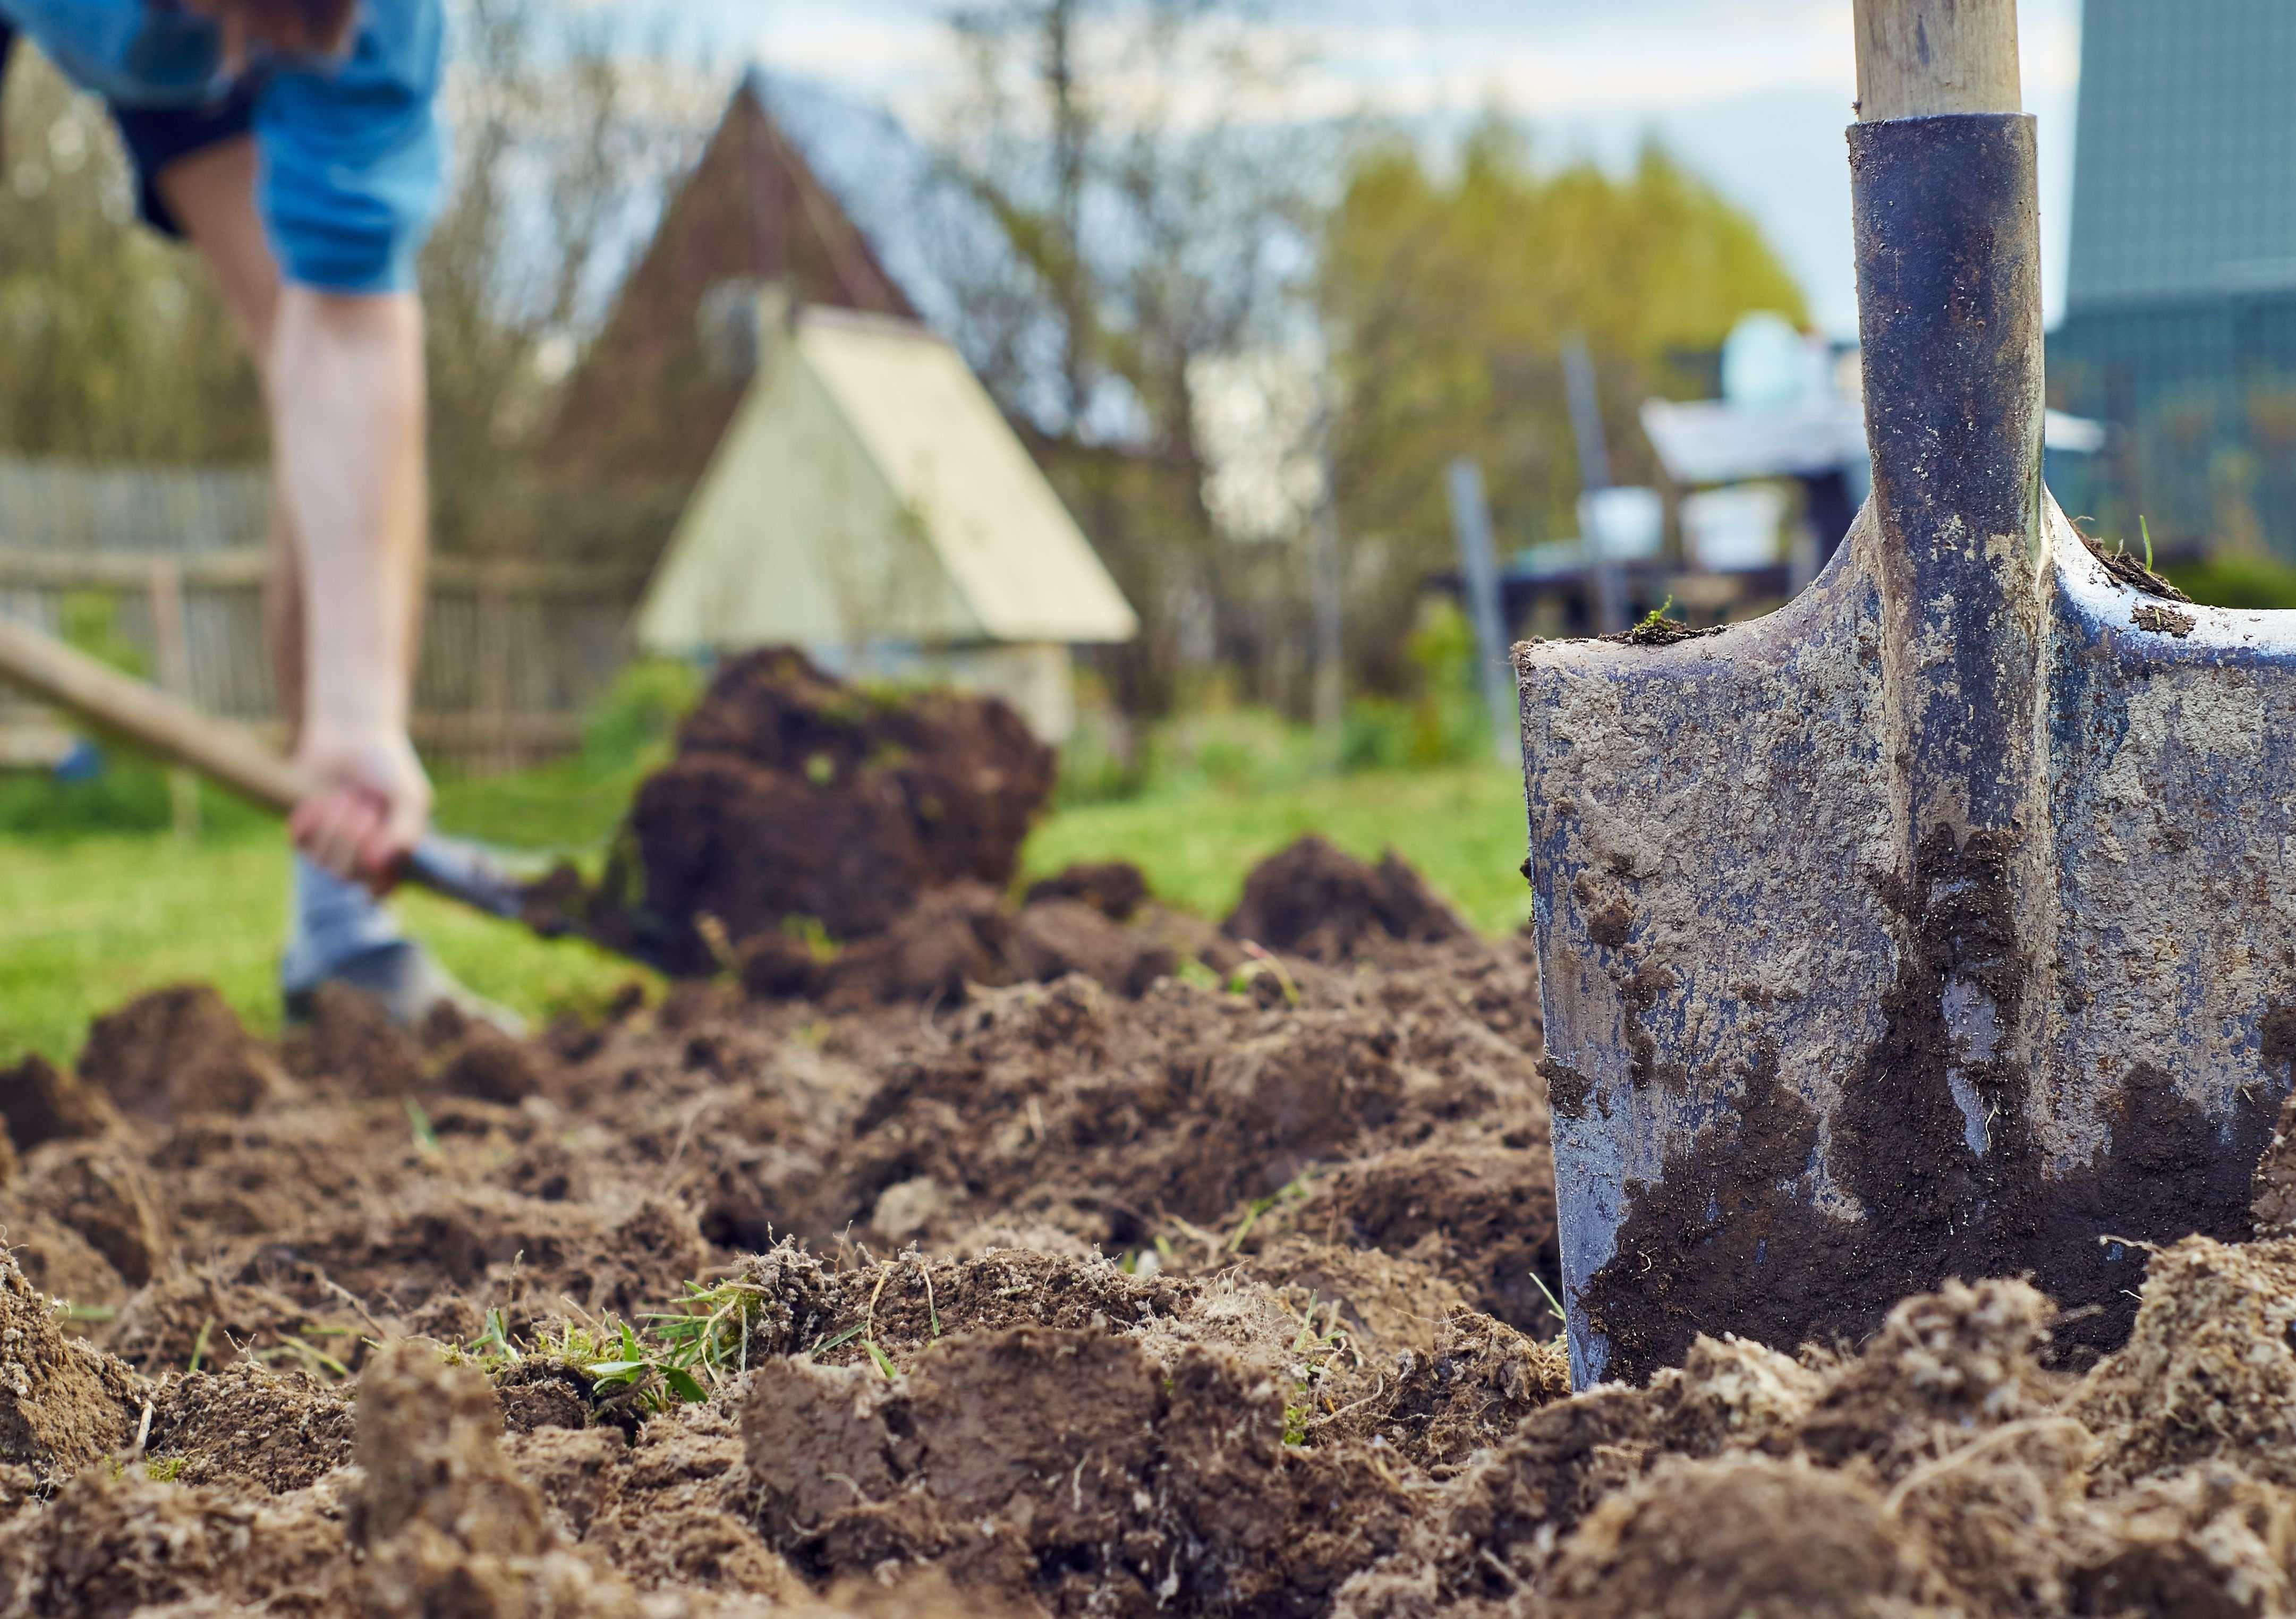 Come scegliere gli attrezzi per lavorare il terreno ?